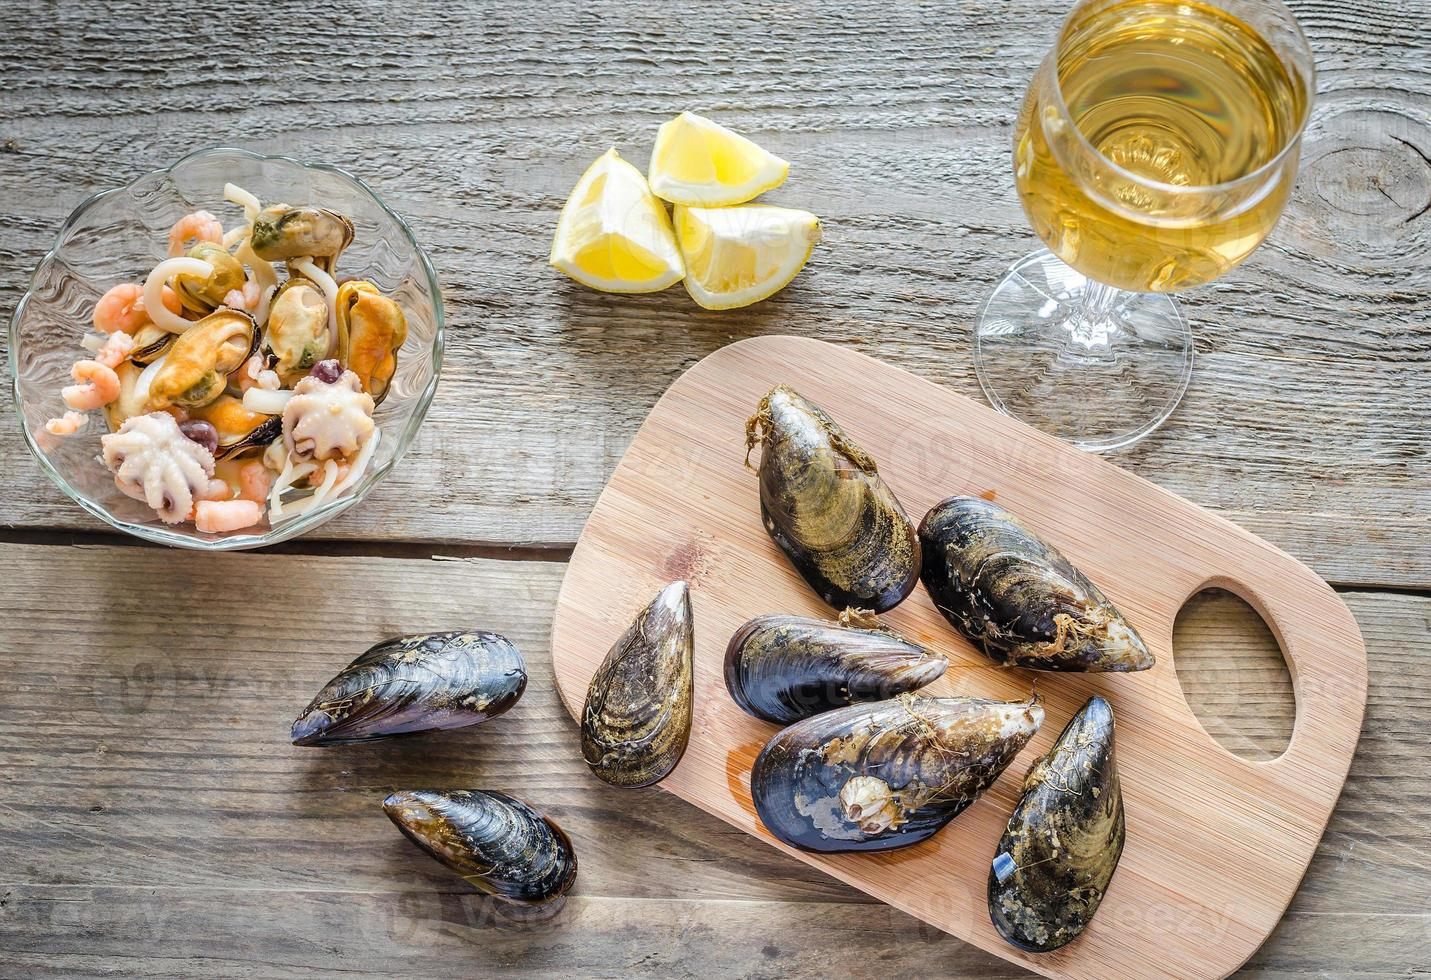 Muscheln mit einem Glas Wein auf dem Holztisch foto